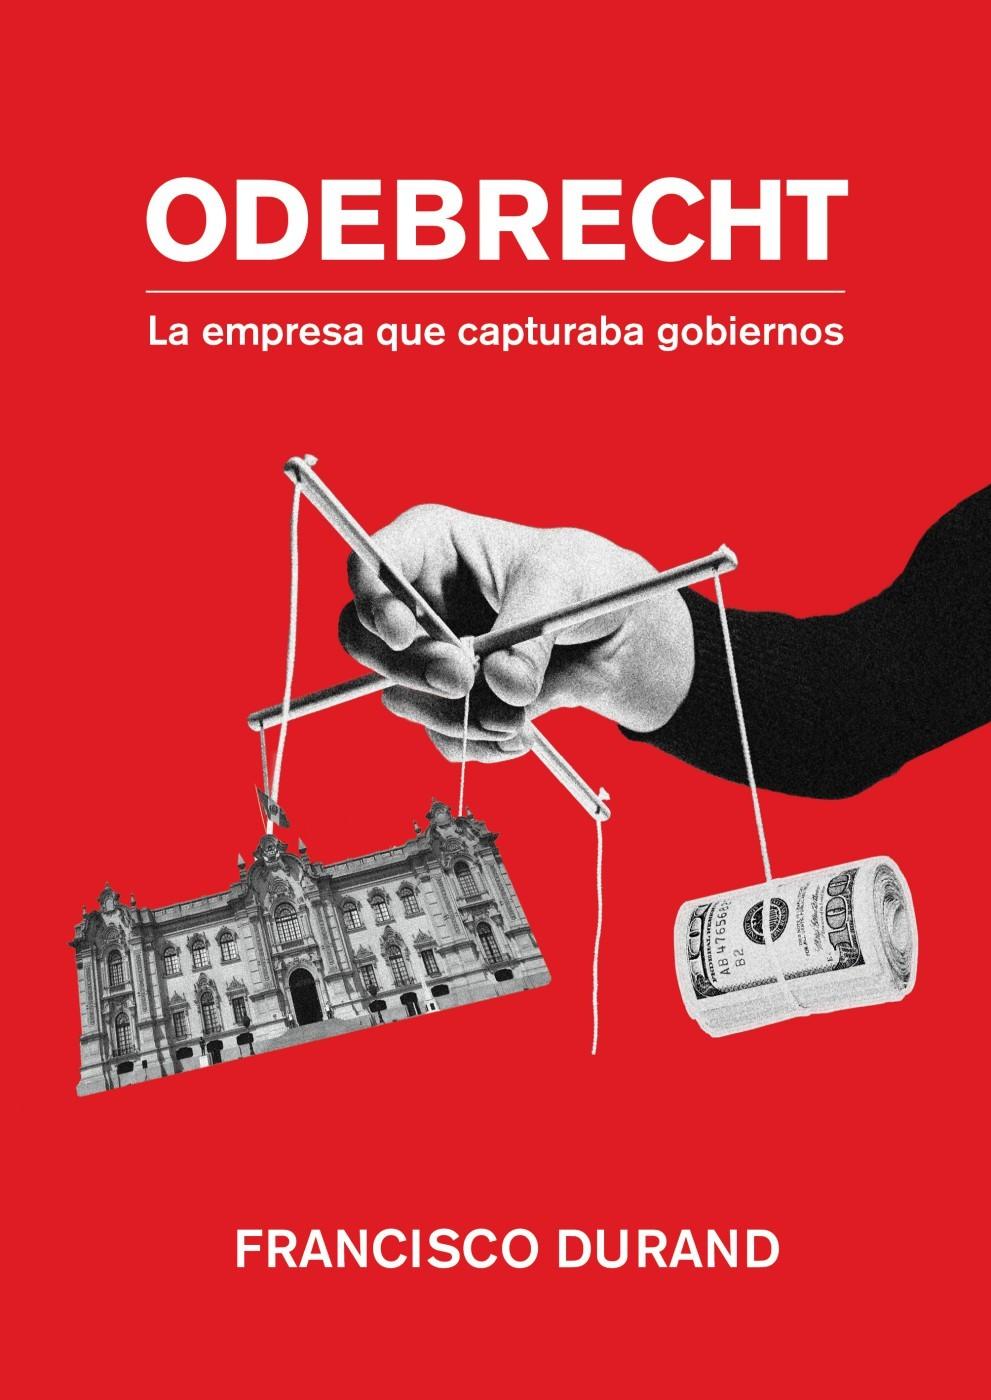 Odebrecht, la empresa que capturaba gobiernos